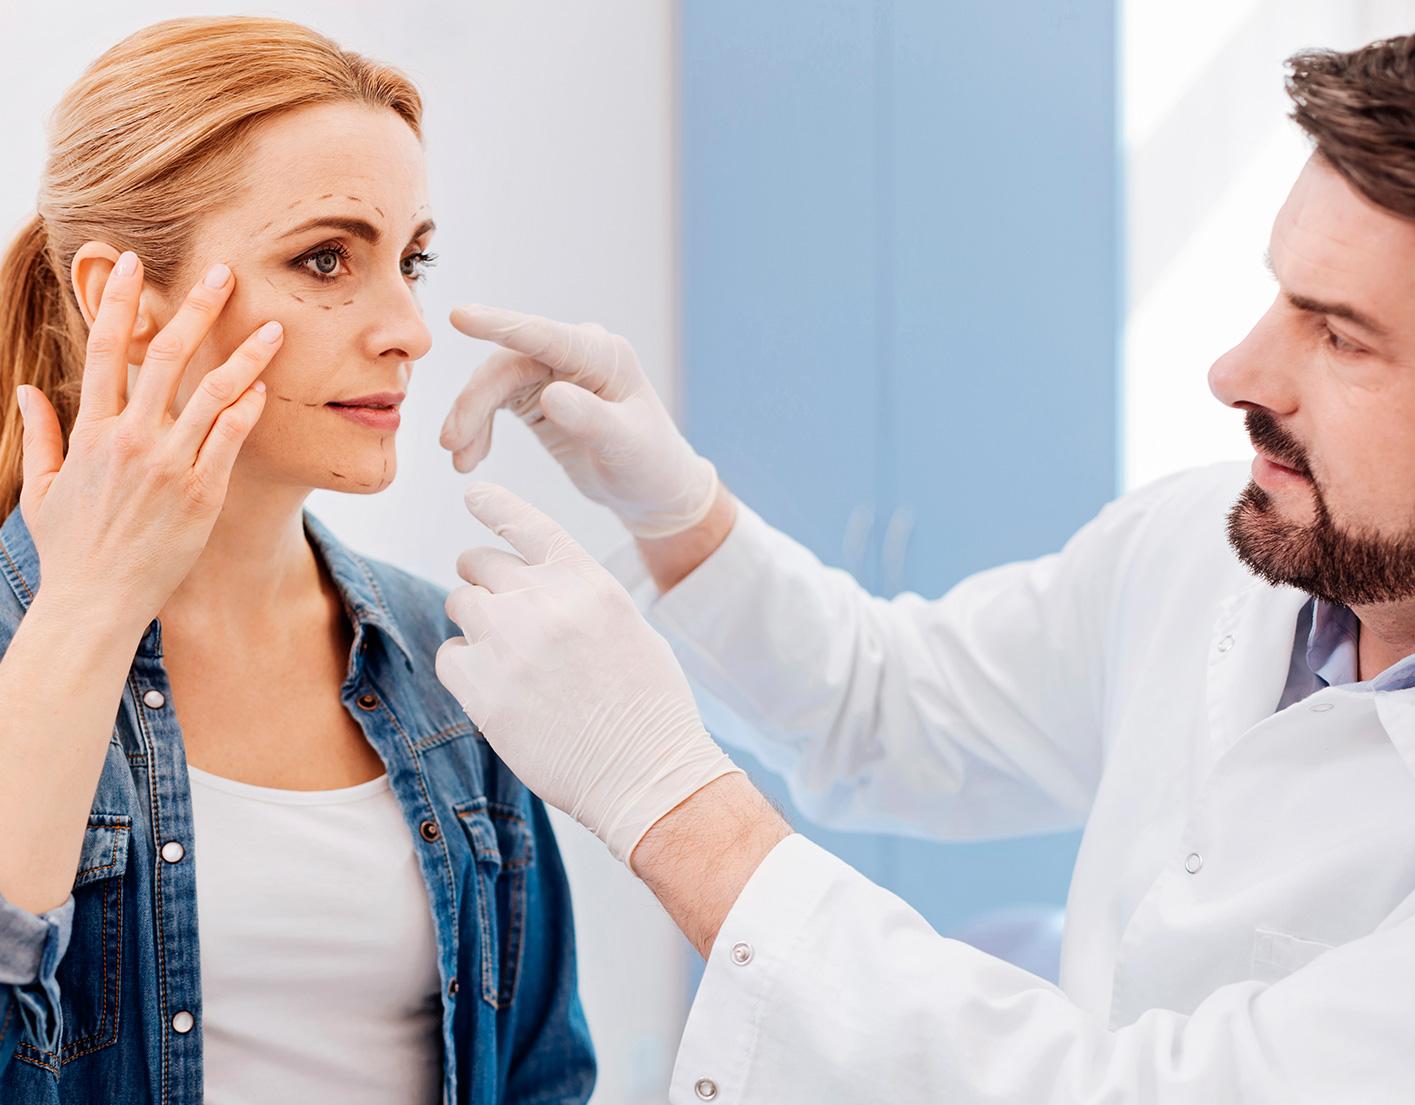 ¿Tengo derecho a cobrar por baja si me opero la vista o por estética?